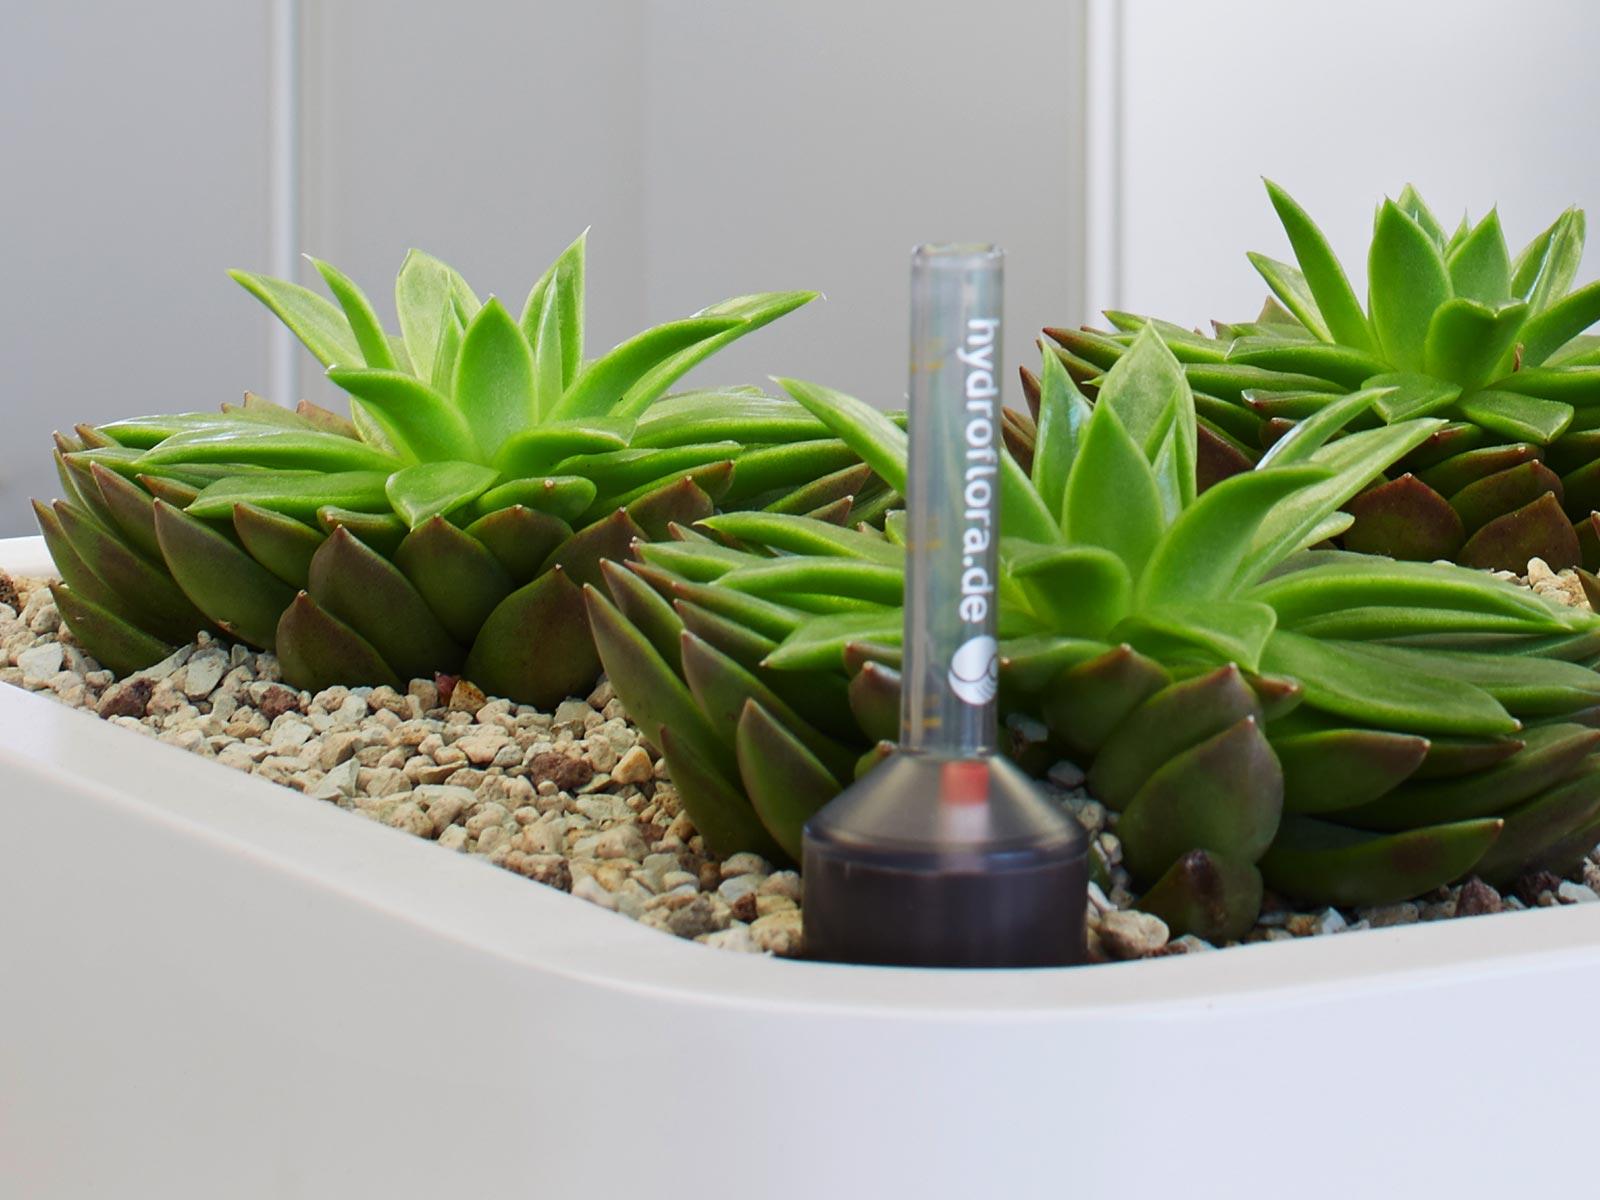 Hydrokultur Hydroflora Gmbh